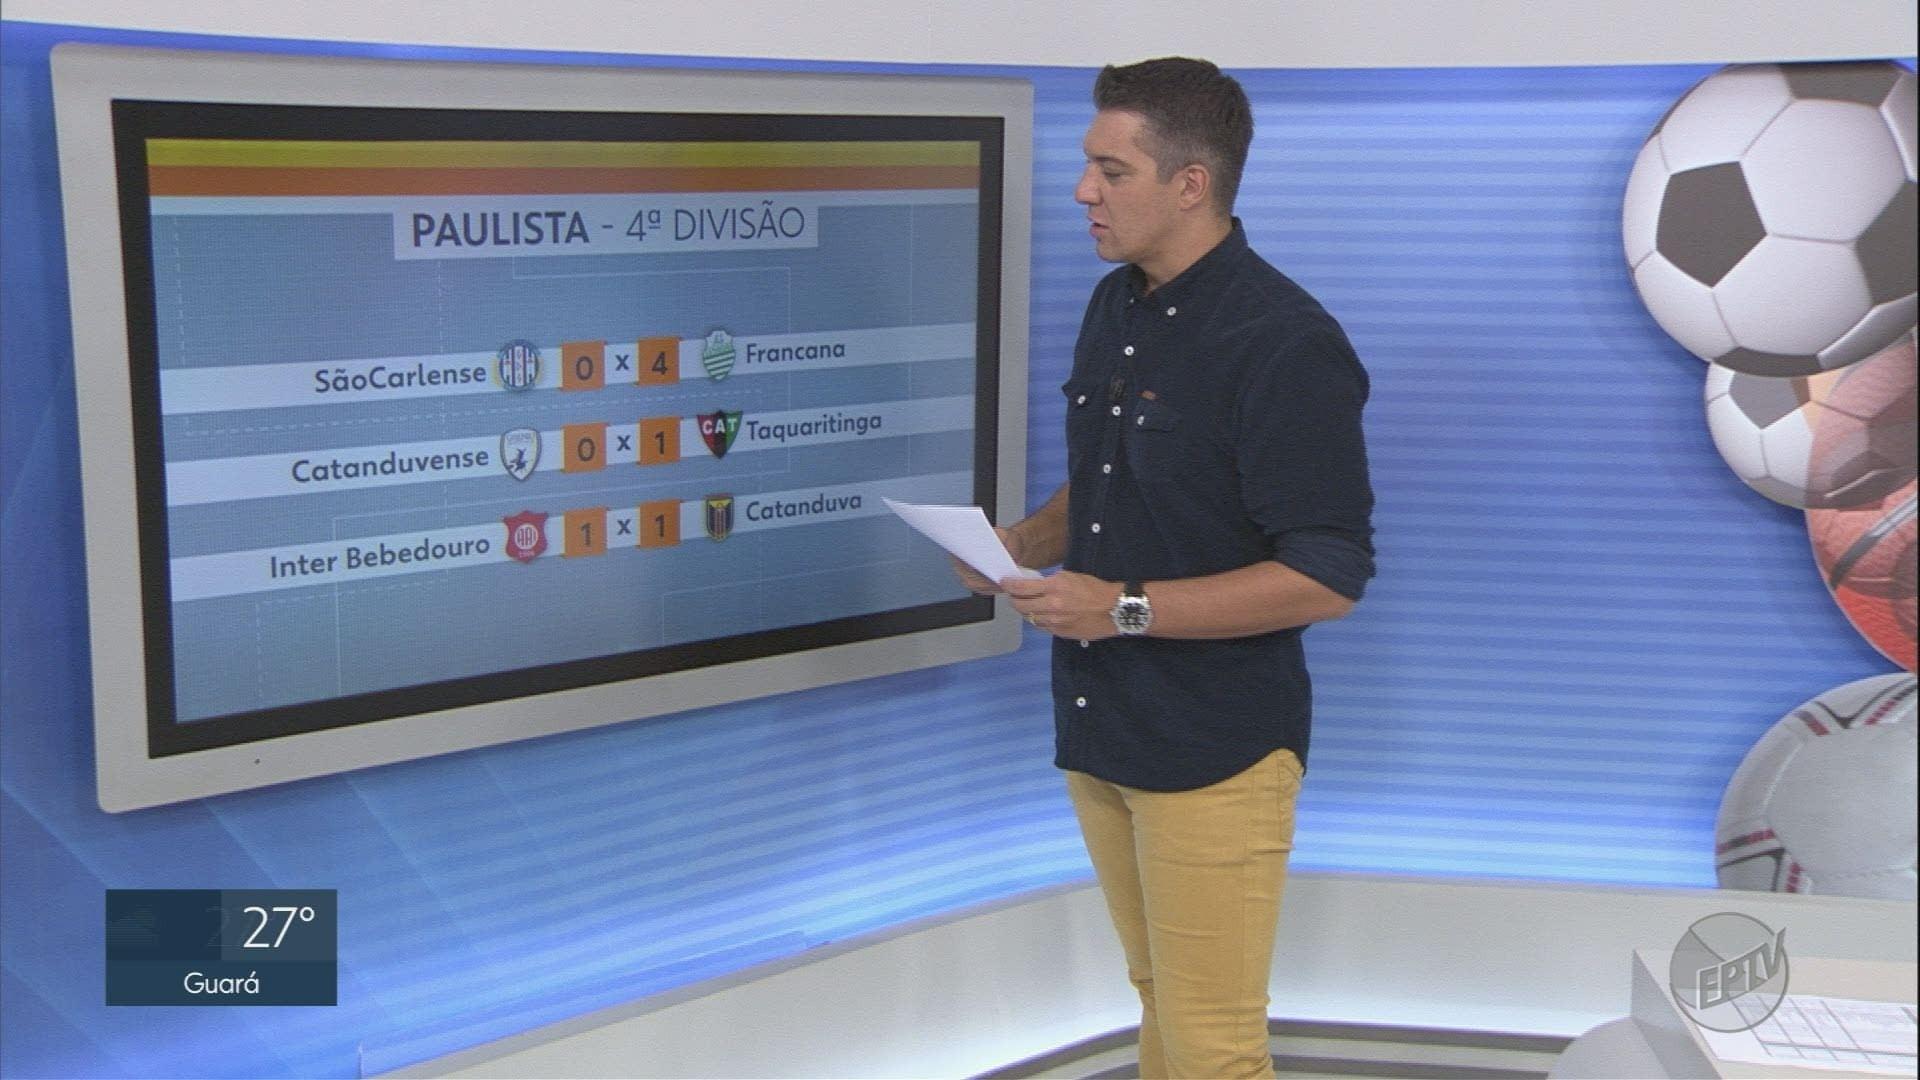 VÍDEOS: EPTV 1 Ribeirão Preto de segunda-feira, 20 de maio - Noticias